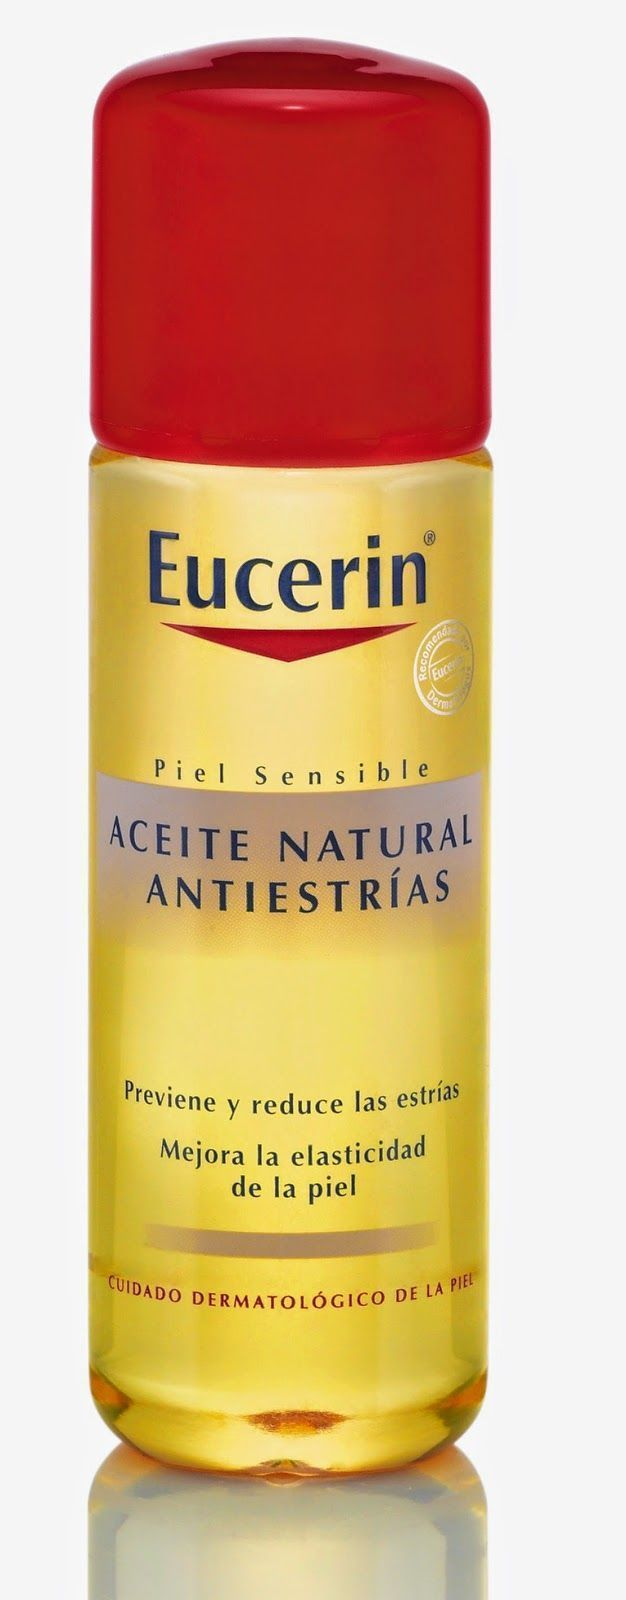 hidratación, aceite natural antiestrías, eucerin